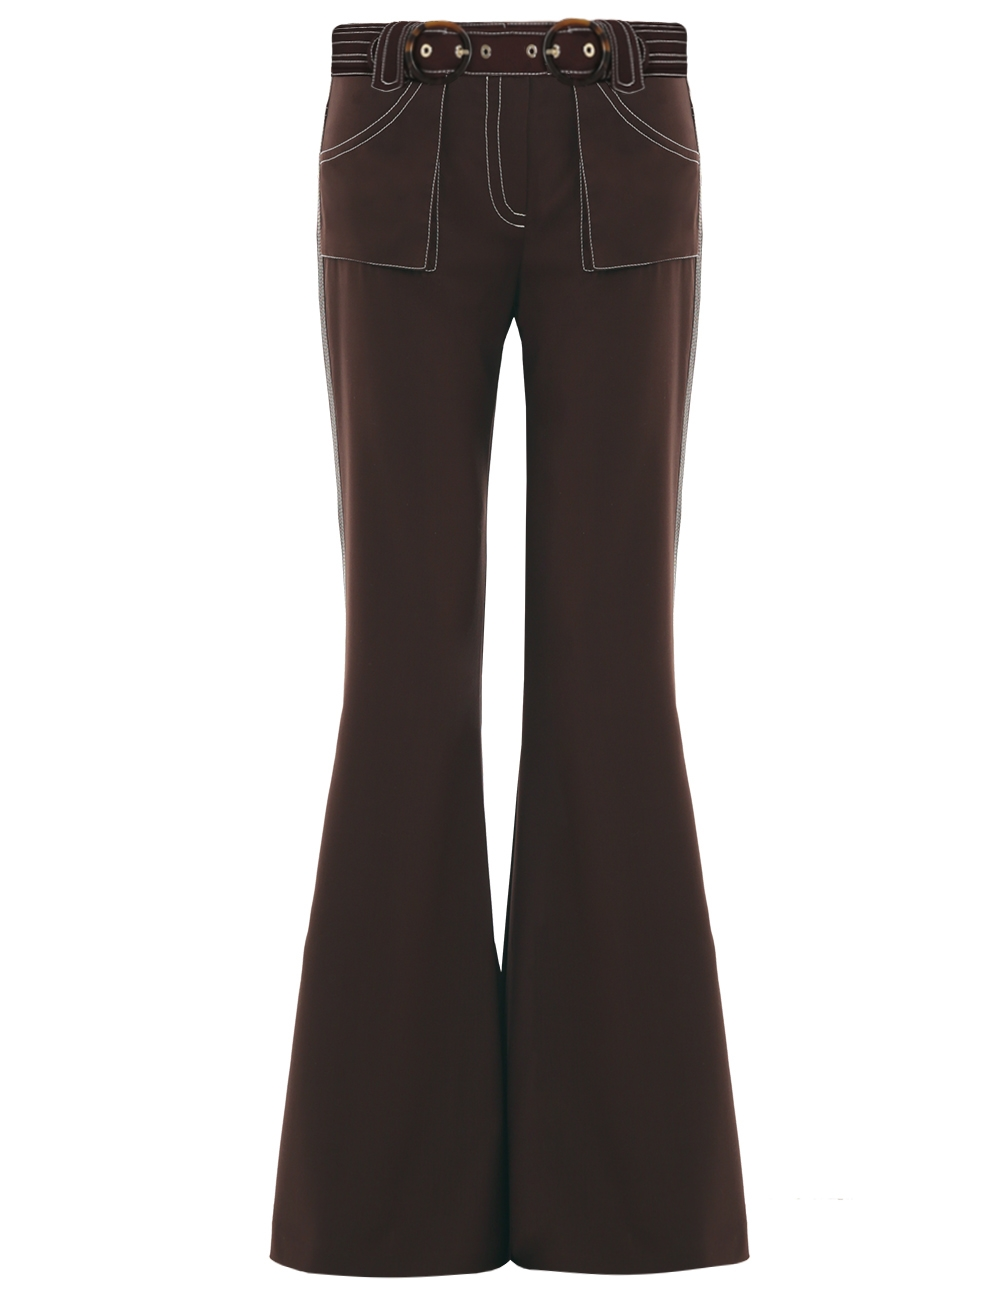 Zippy Safari Pants